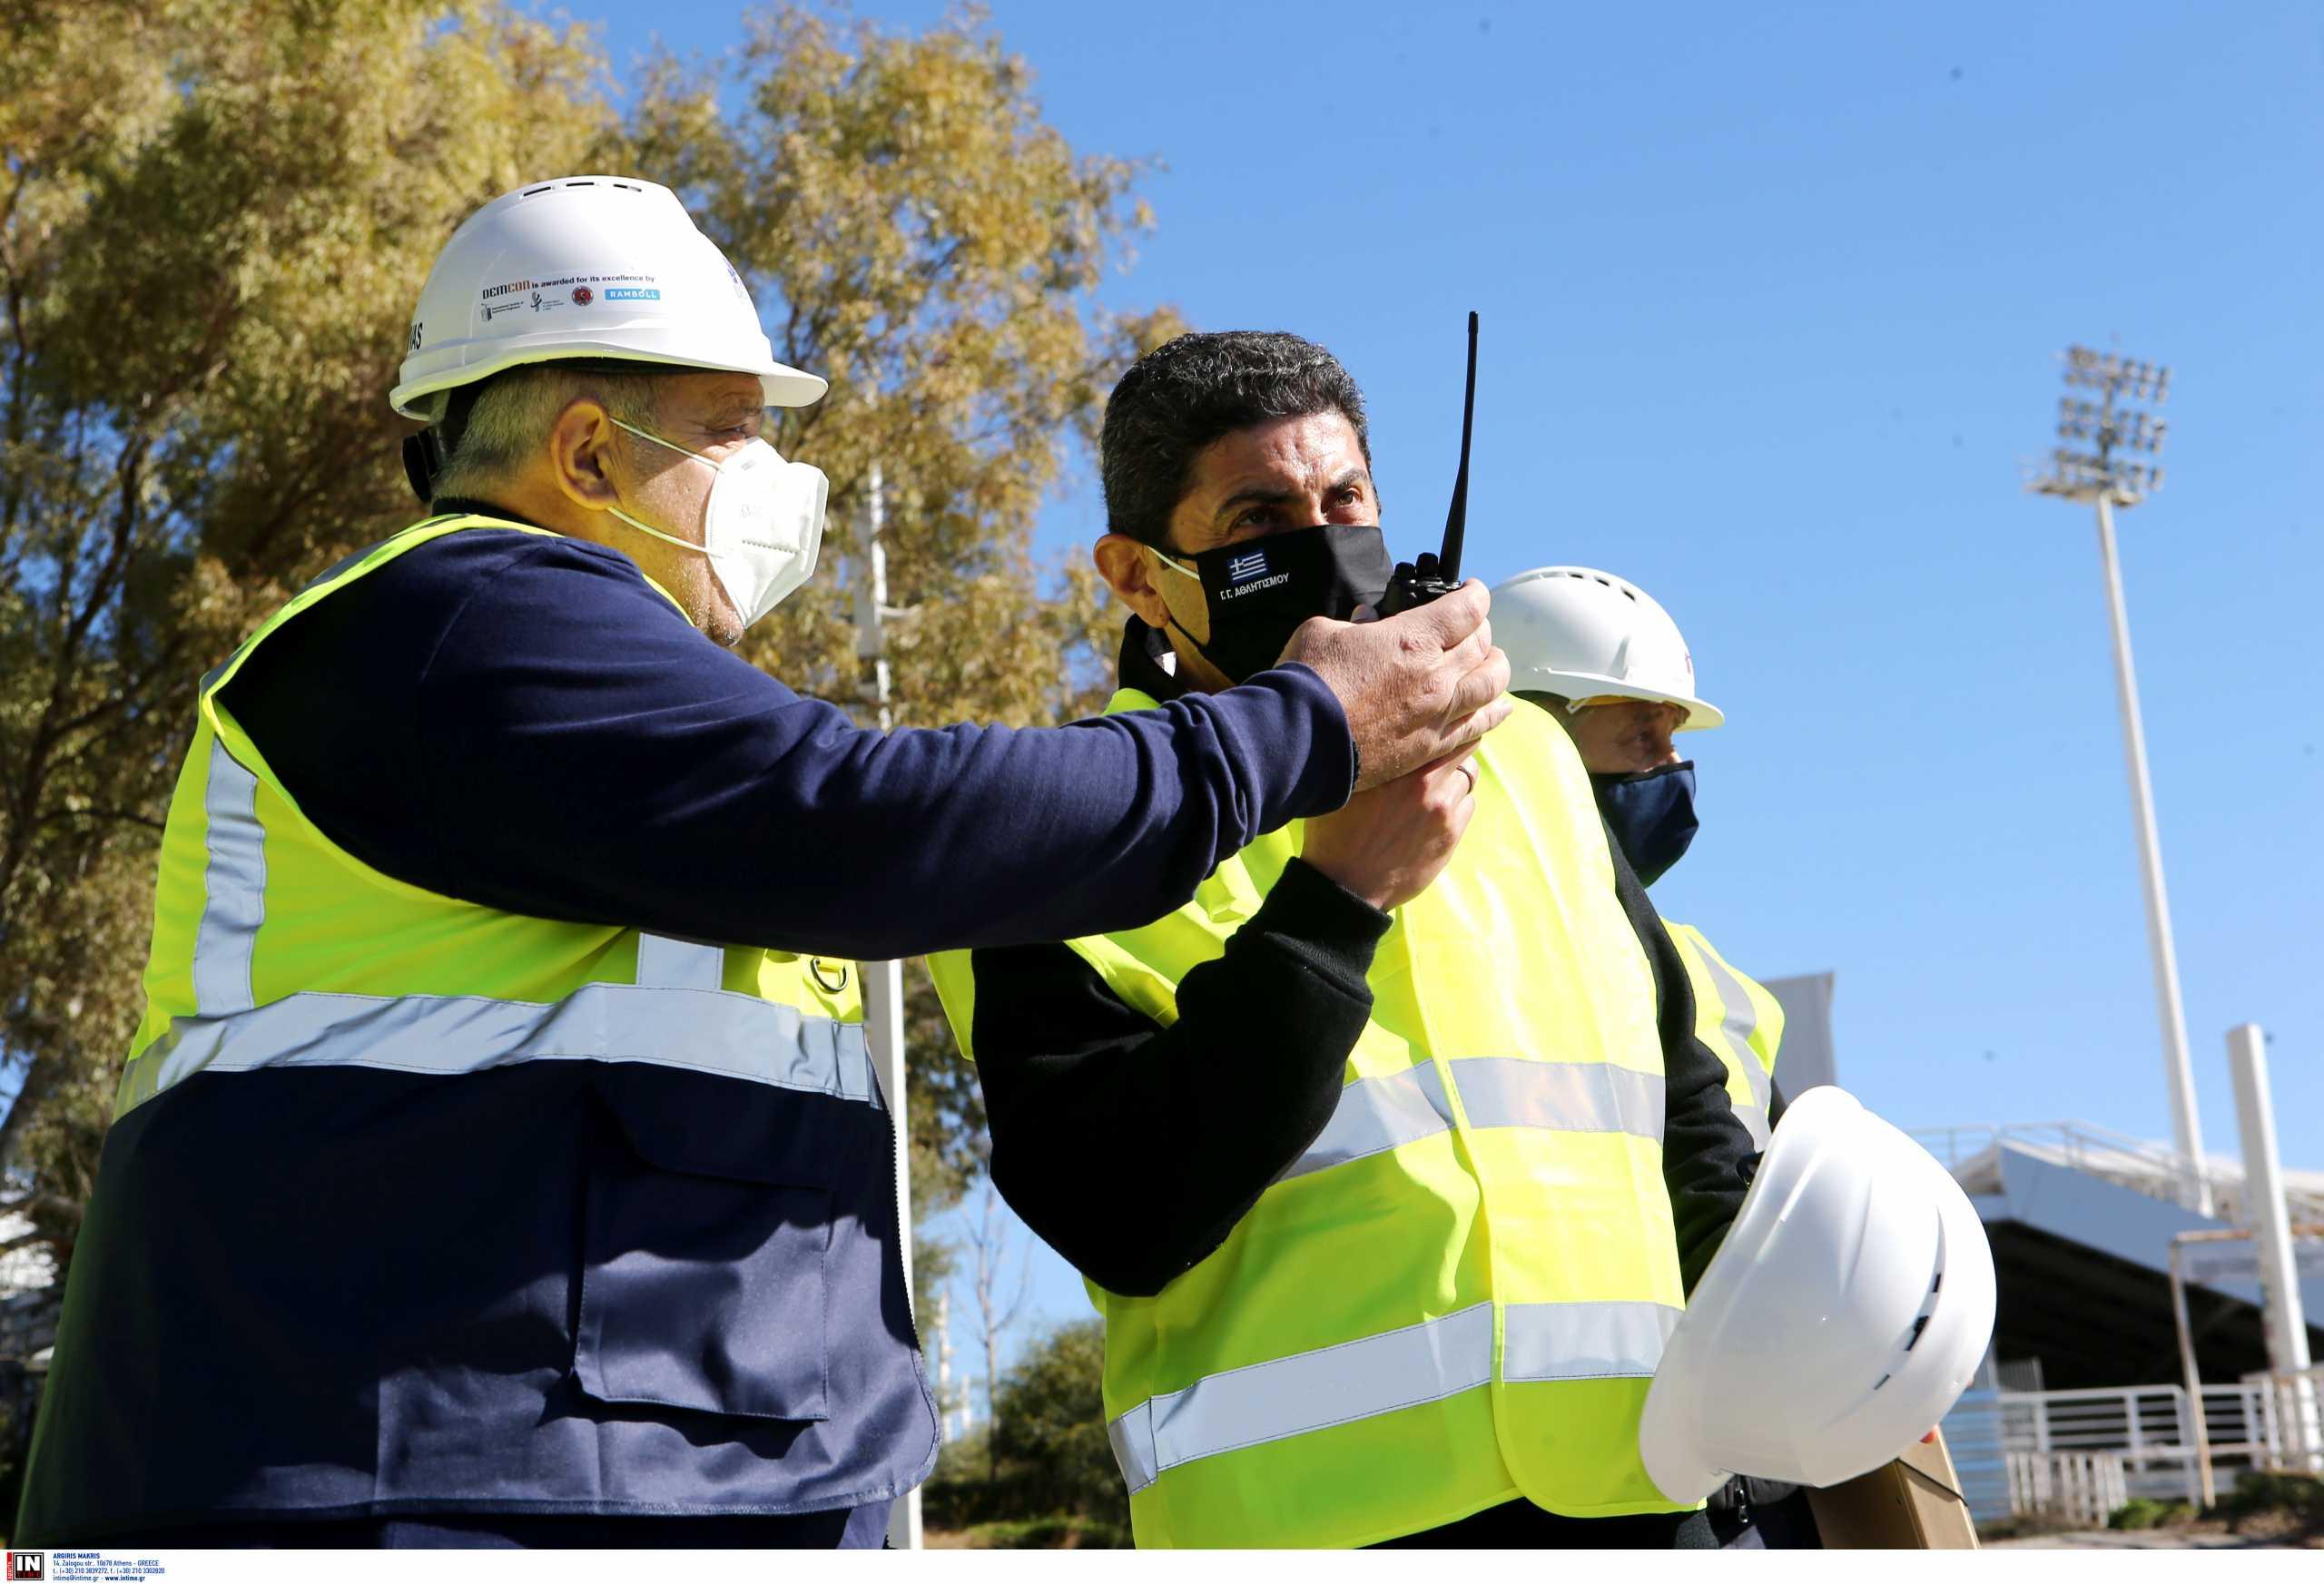 Αυγενάκης: «Στο ΟΑΚΑ φτιάχνουμε το μεγαλύτερο κέντρο υγρού στίβου στην Ευρώπη»